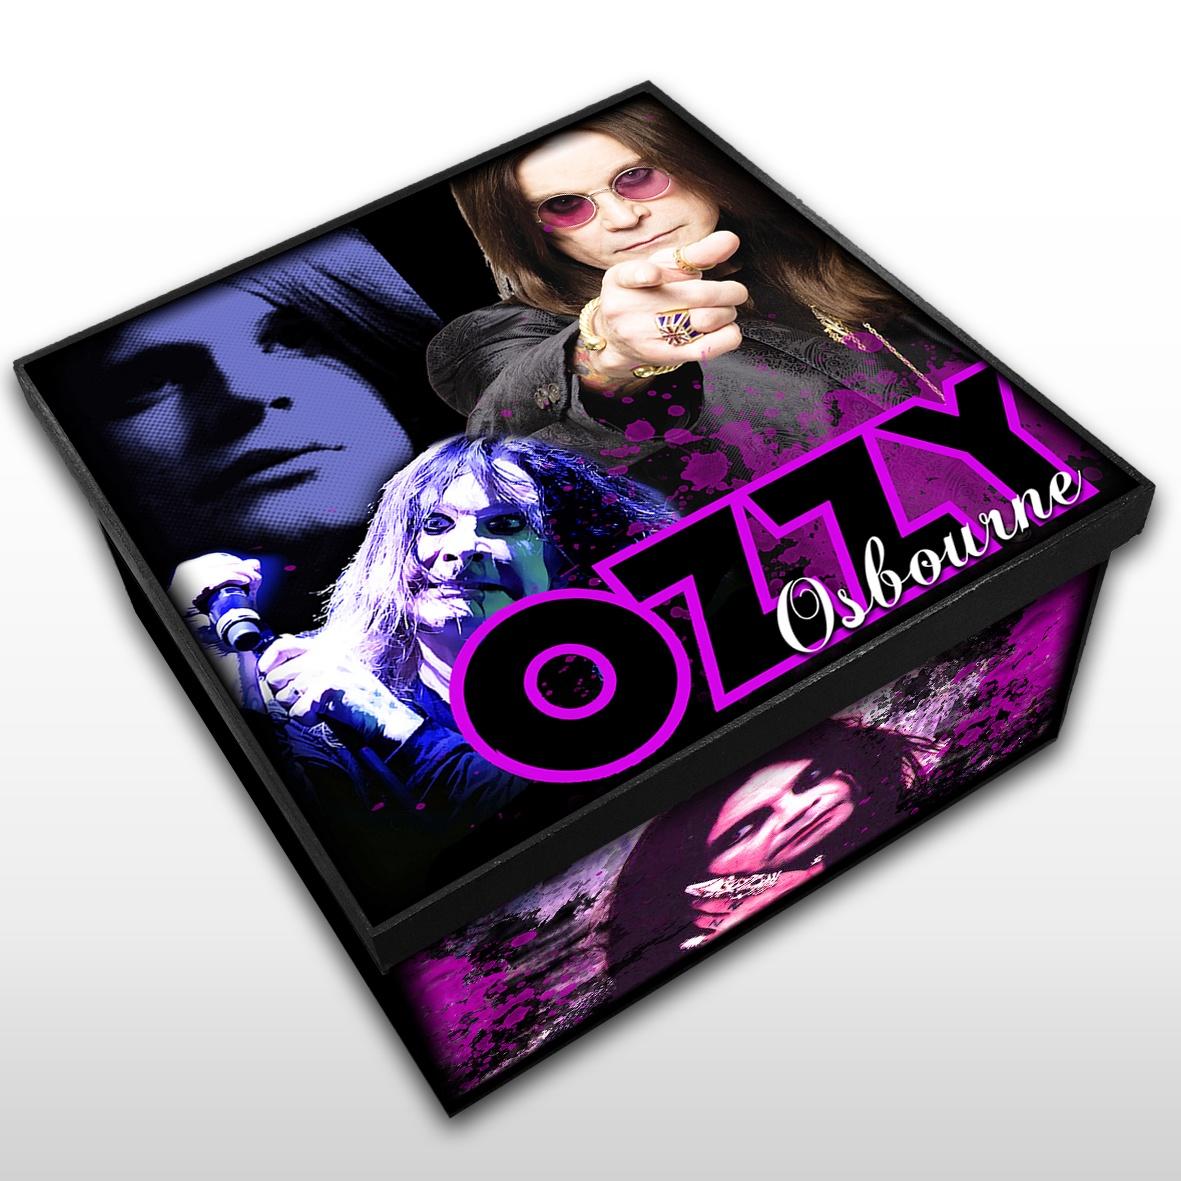 Caixa Organizadora em Madeira MDF Tamanho Médio Mr. Rock Ozzy Osbourne